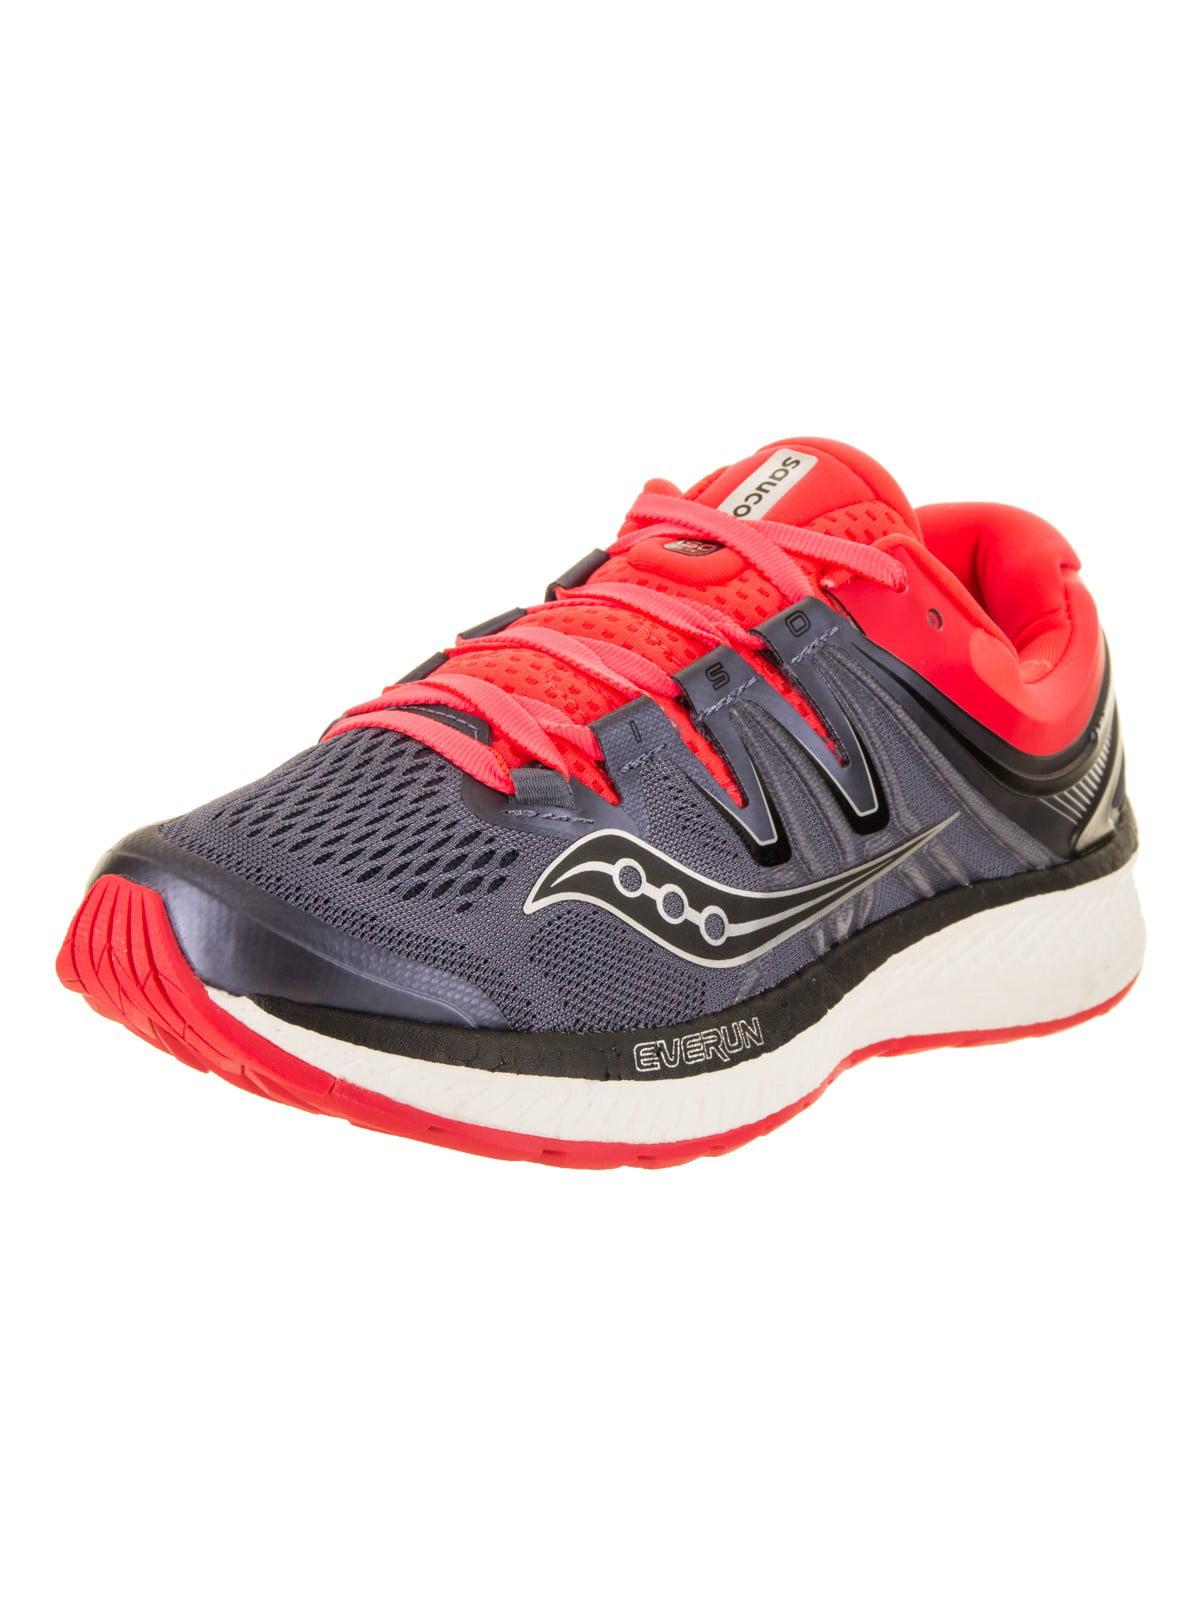 0620b9767c16 Saucony Women s Hurricane ISO 4 Running Shoe